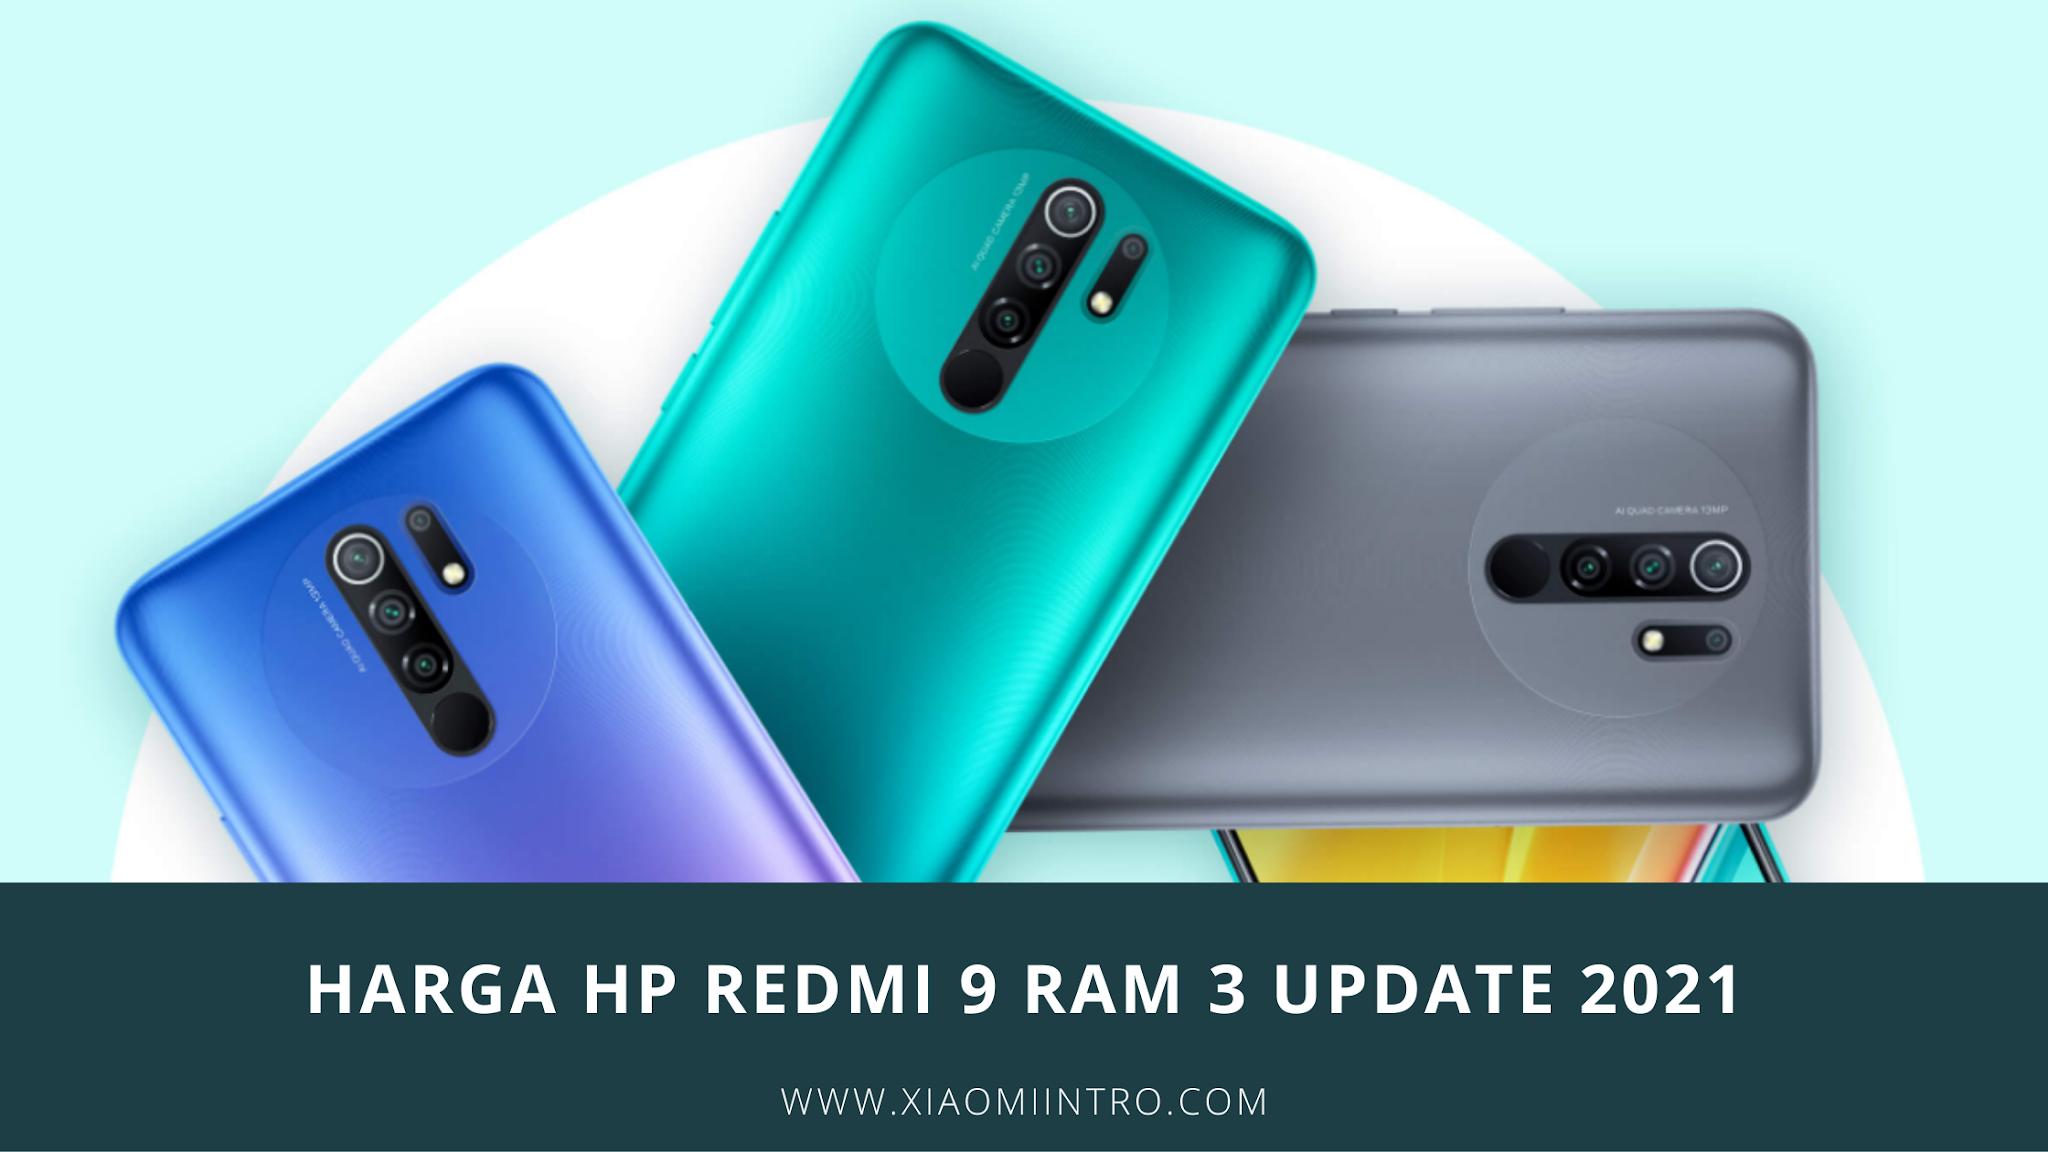 Harga HP Redmi 9 Ram 3 Update 2021